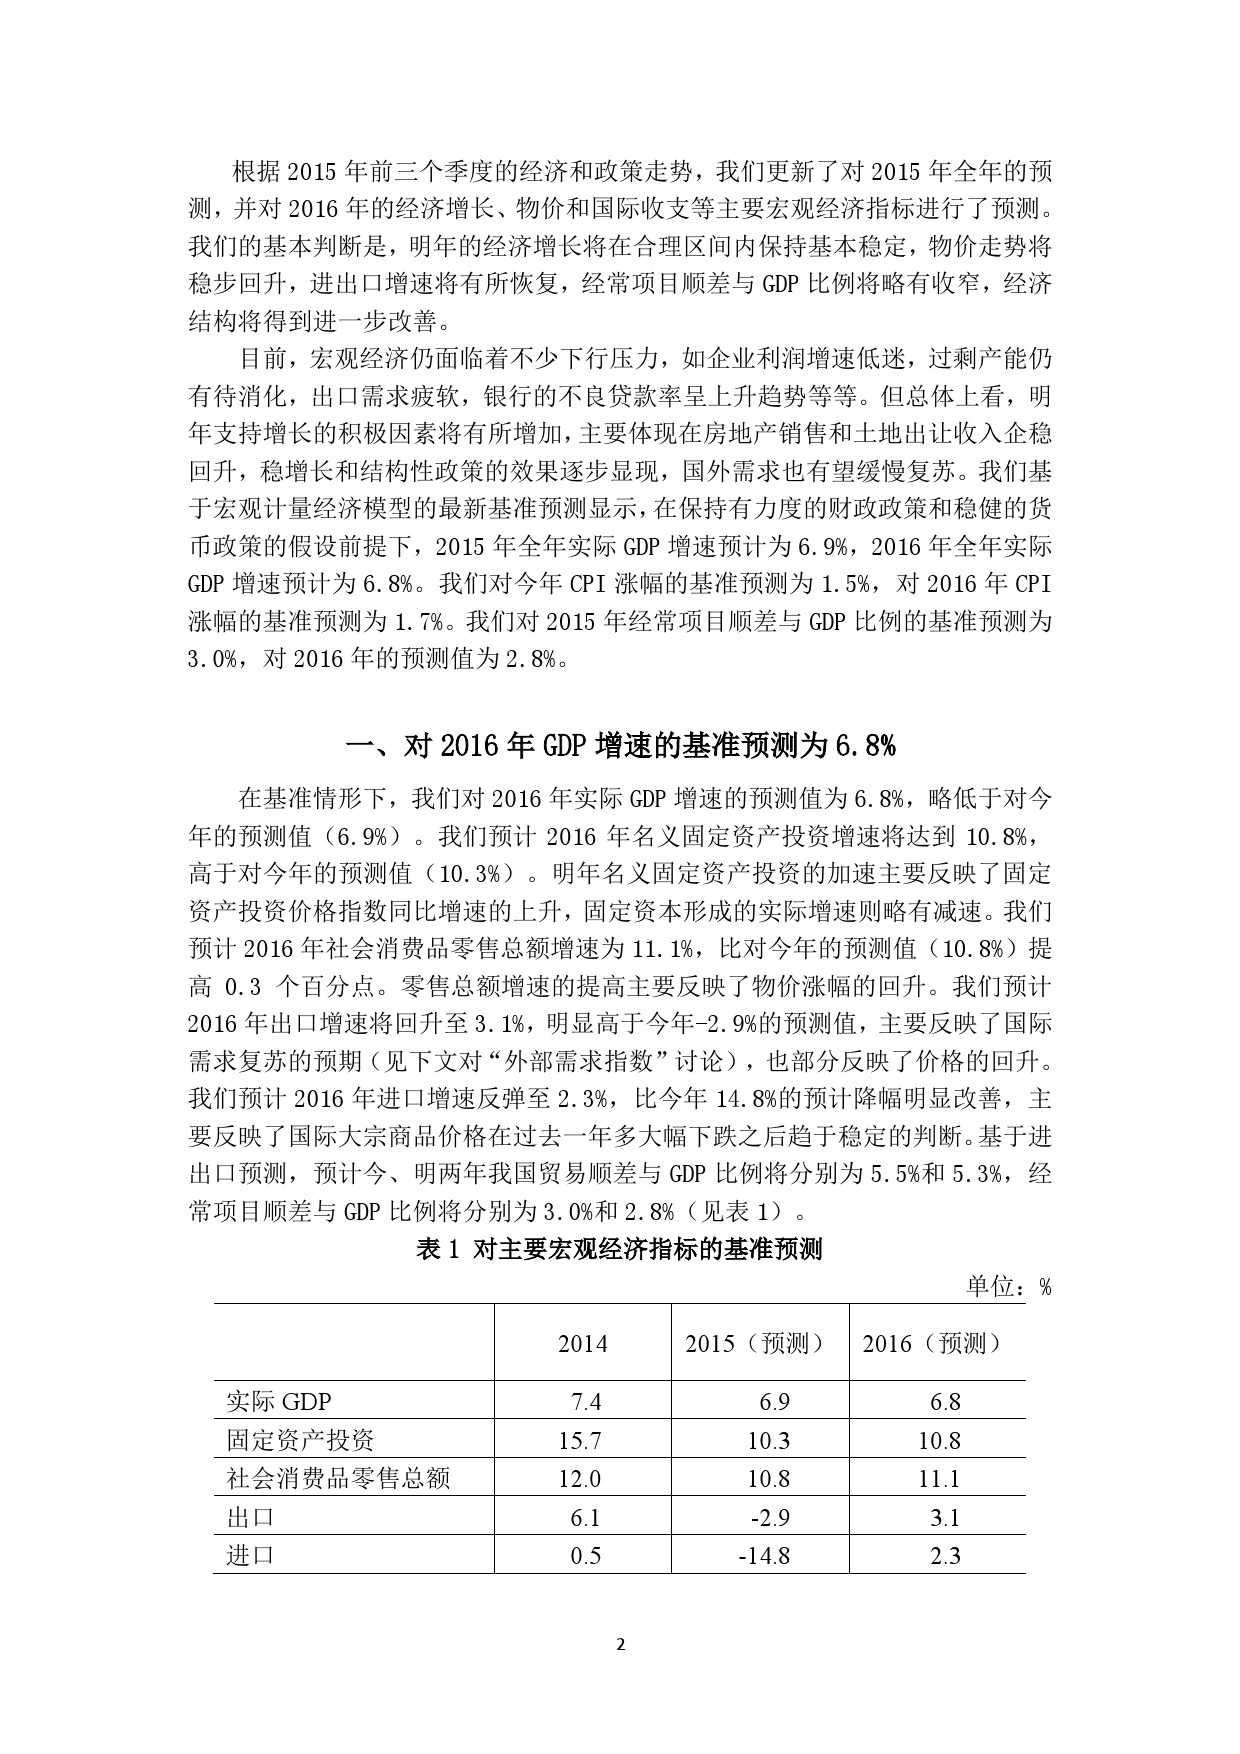 中国人民银行:2016 年中国宏观经济预测_000002